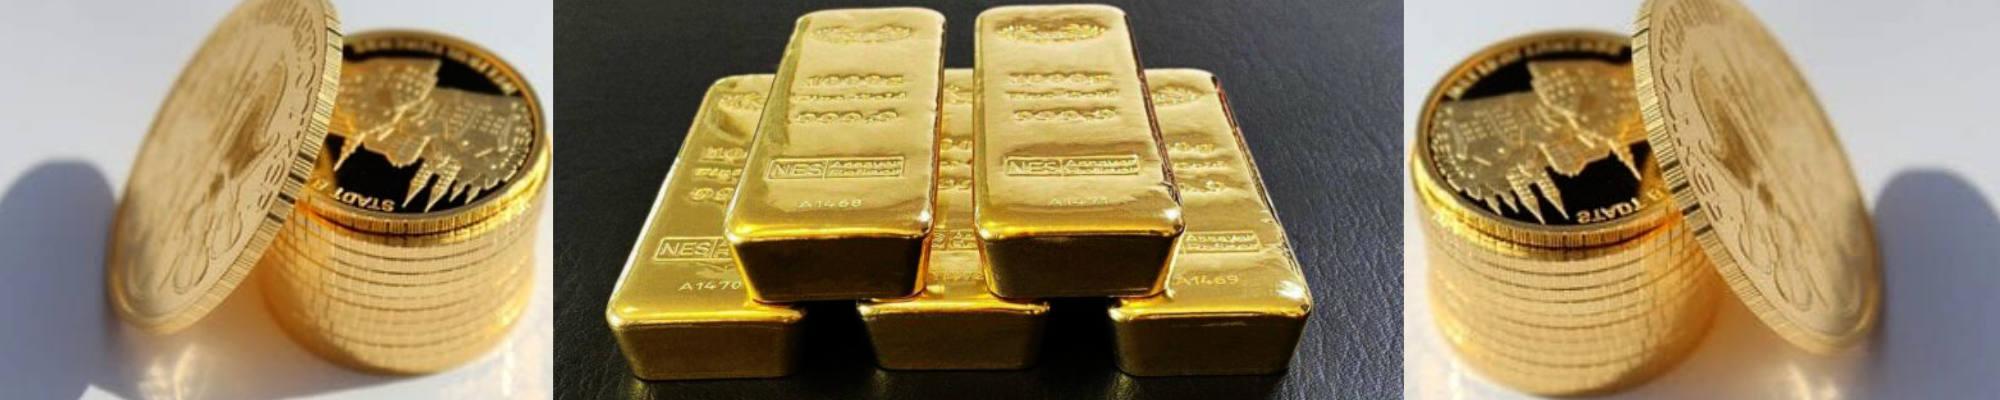 Goldmuenzen und Barren